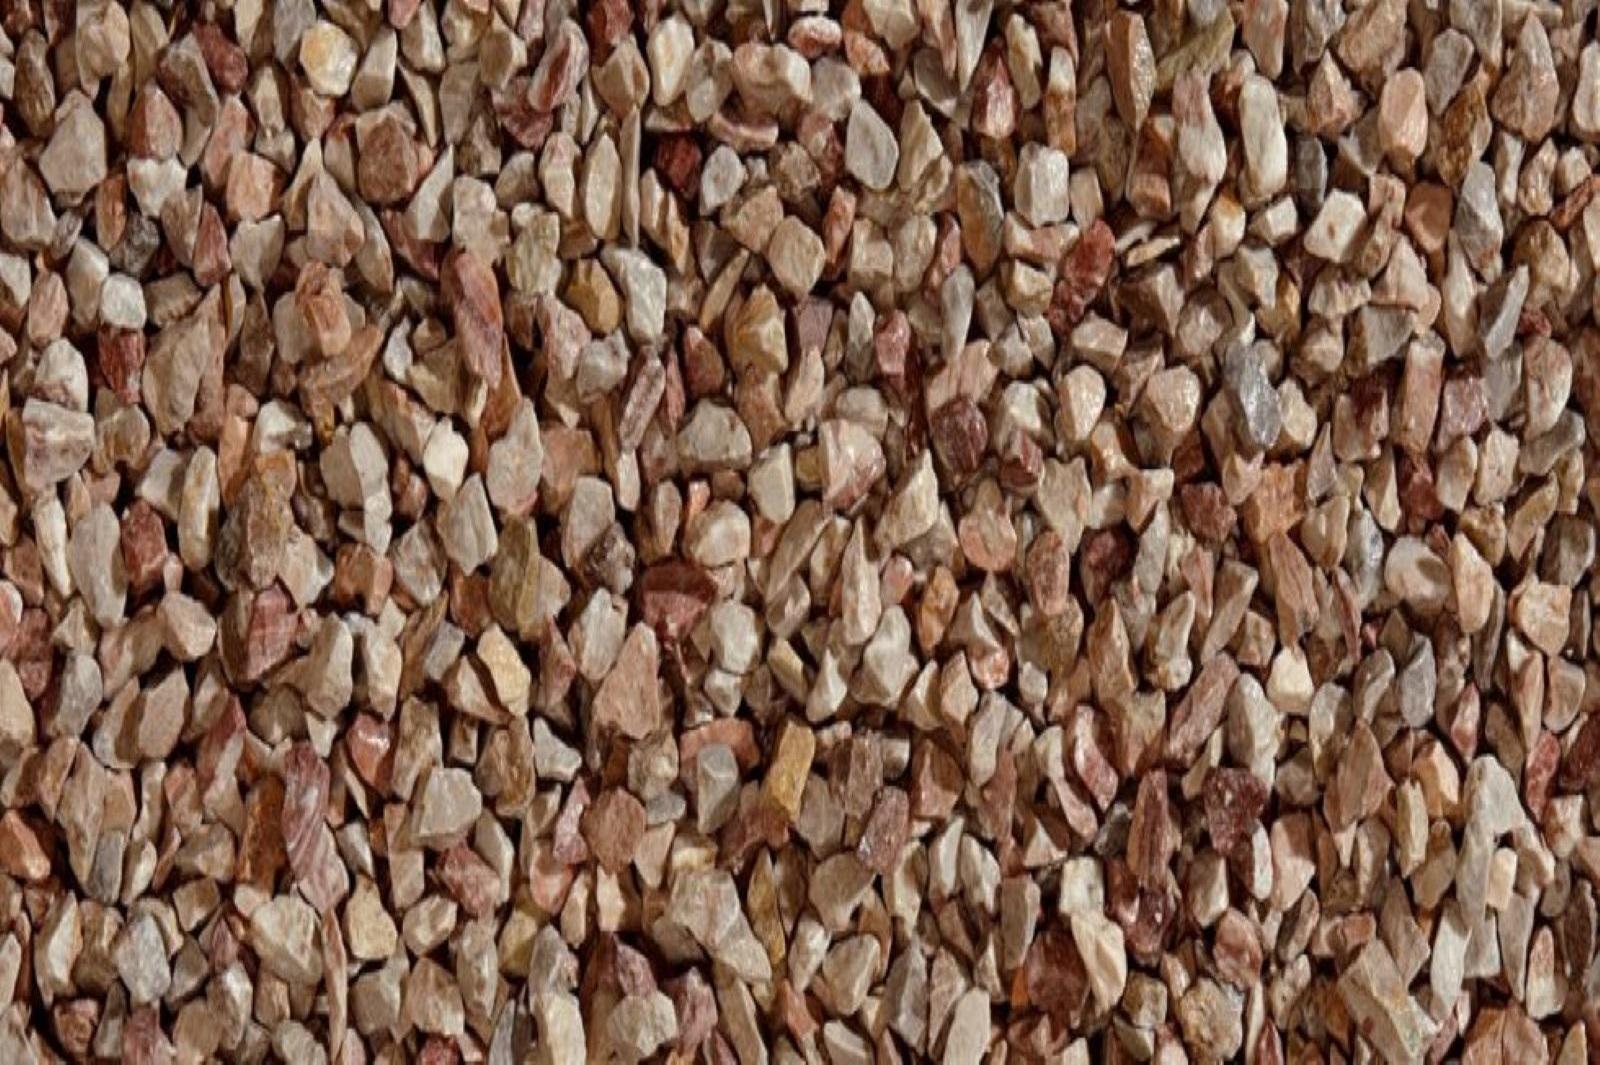 Gartensplitt Ziersplitt Arabescato Granulat Marmor grau-rotbraun  12-16 mm 25 kg